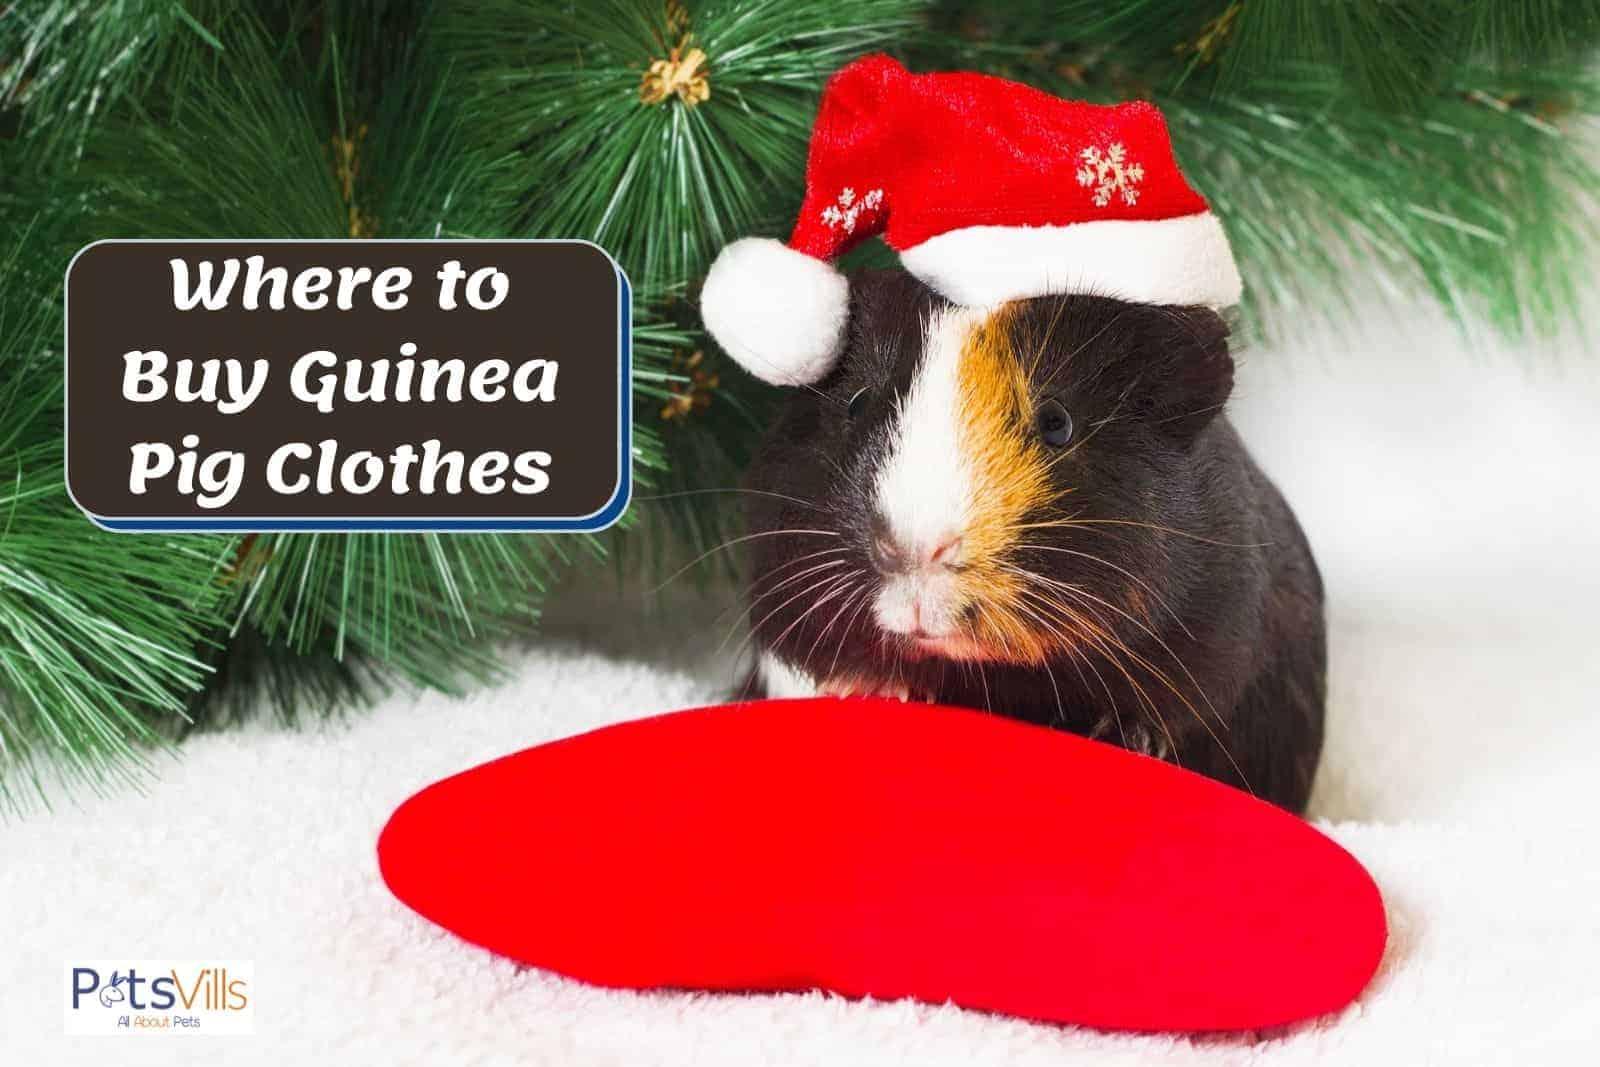 a cute guinea pig wearing a Santa hat